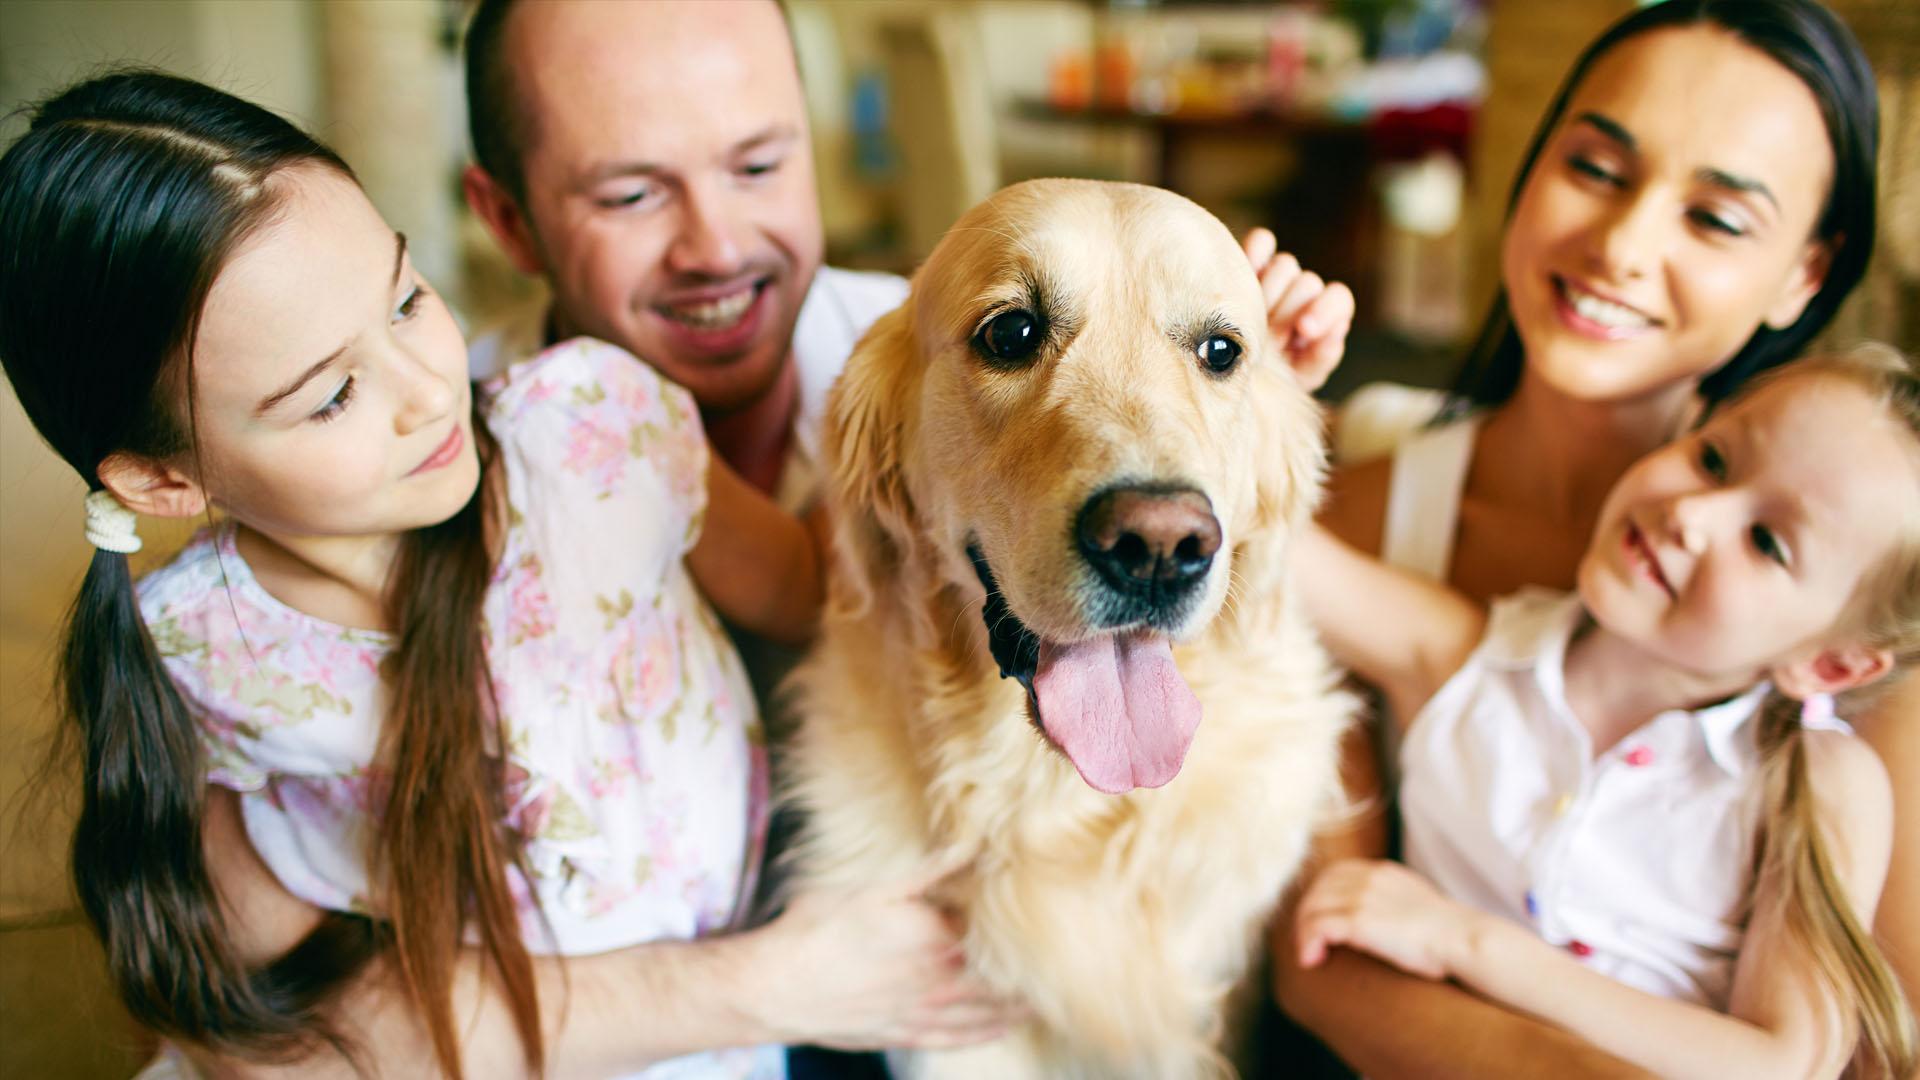 Varios estudios afirman que los canes son los mejores compañeros para dar felicidad, comparable a la que genera un beso